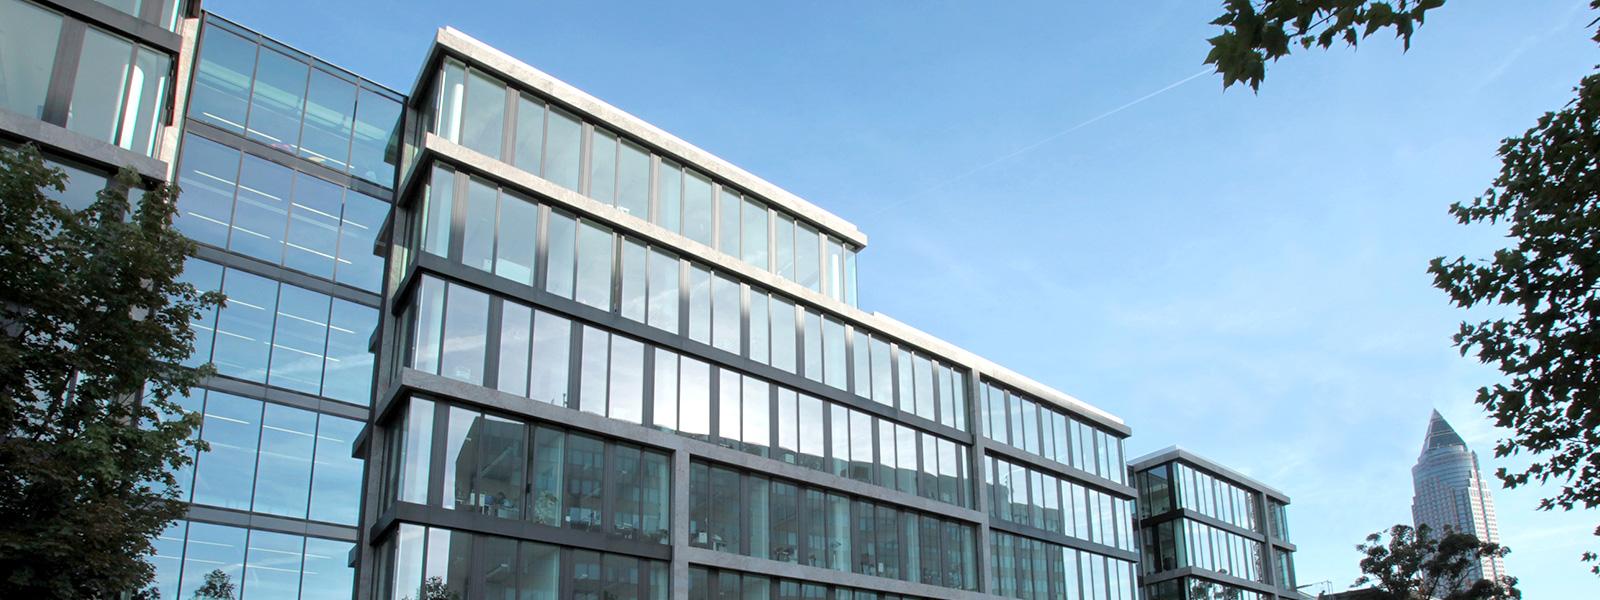 Wohn- & Bürogebäude